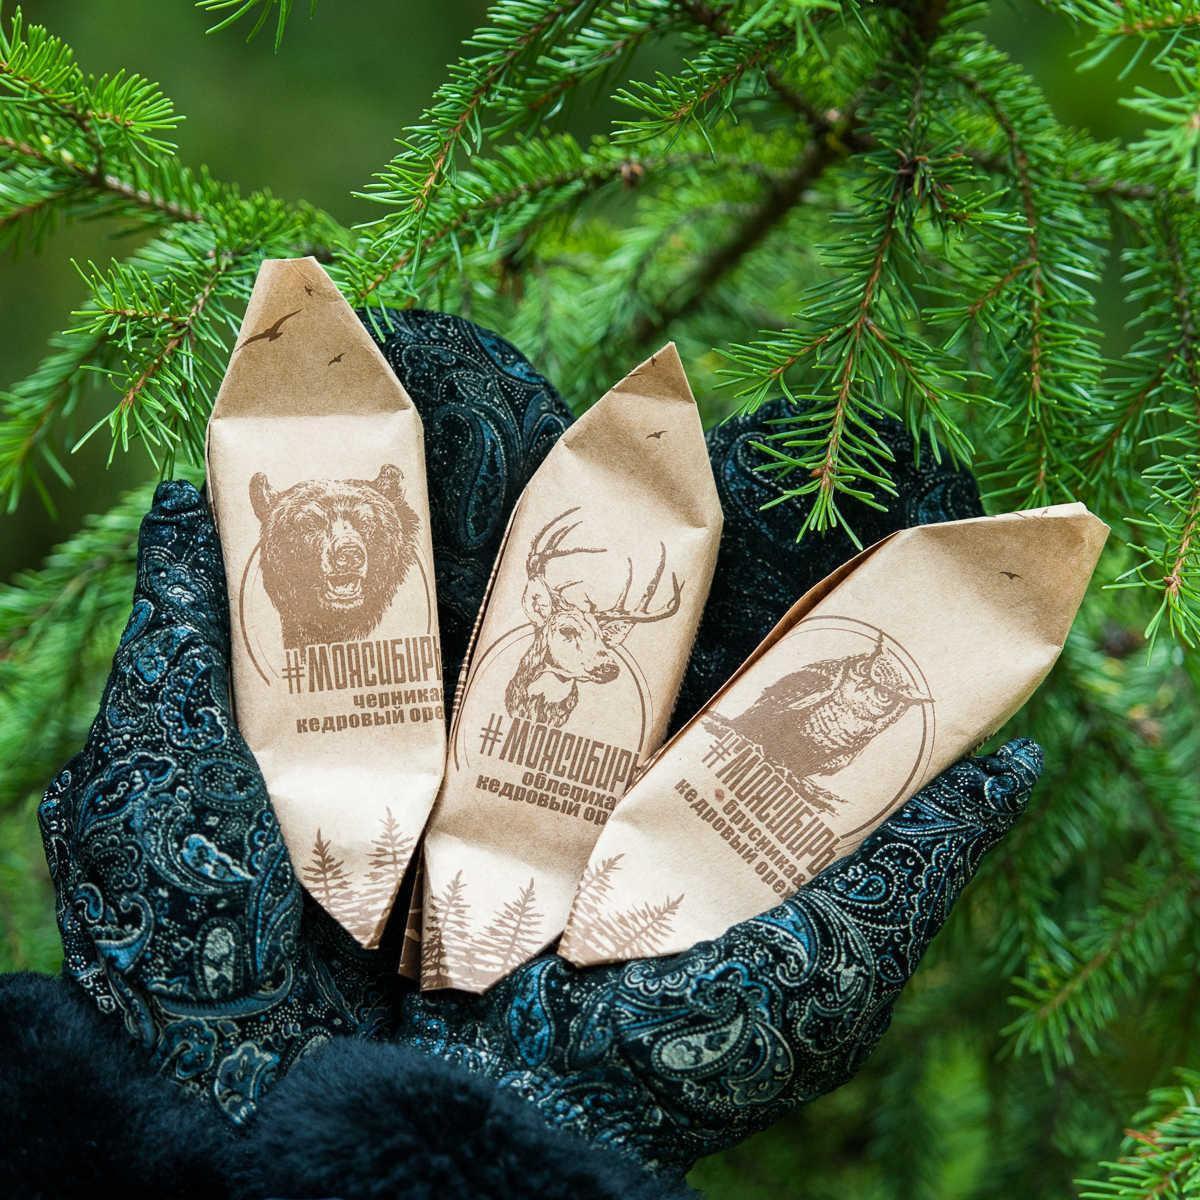 Конфета шоколадная Моя Сибирь Слаткарница Абакан